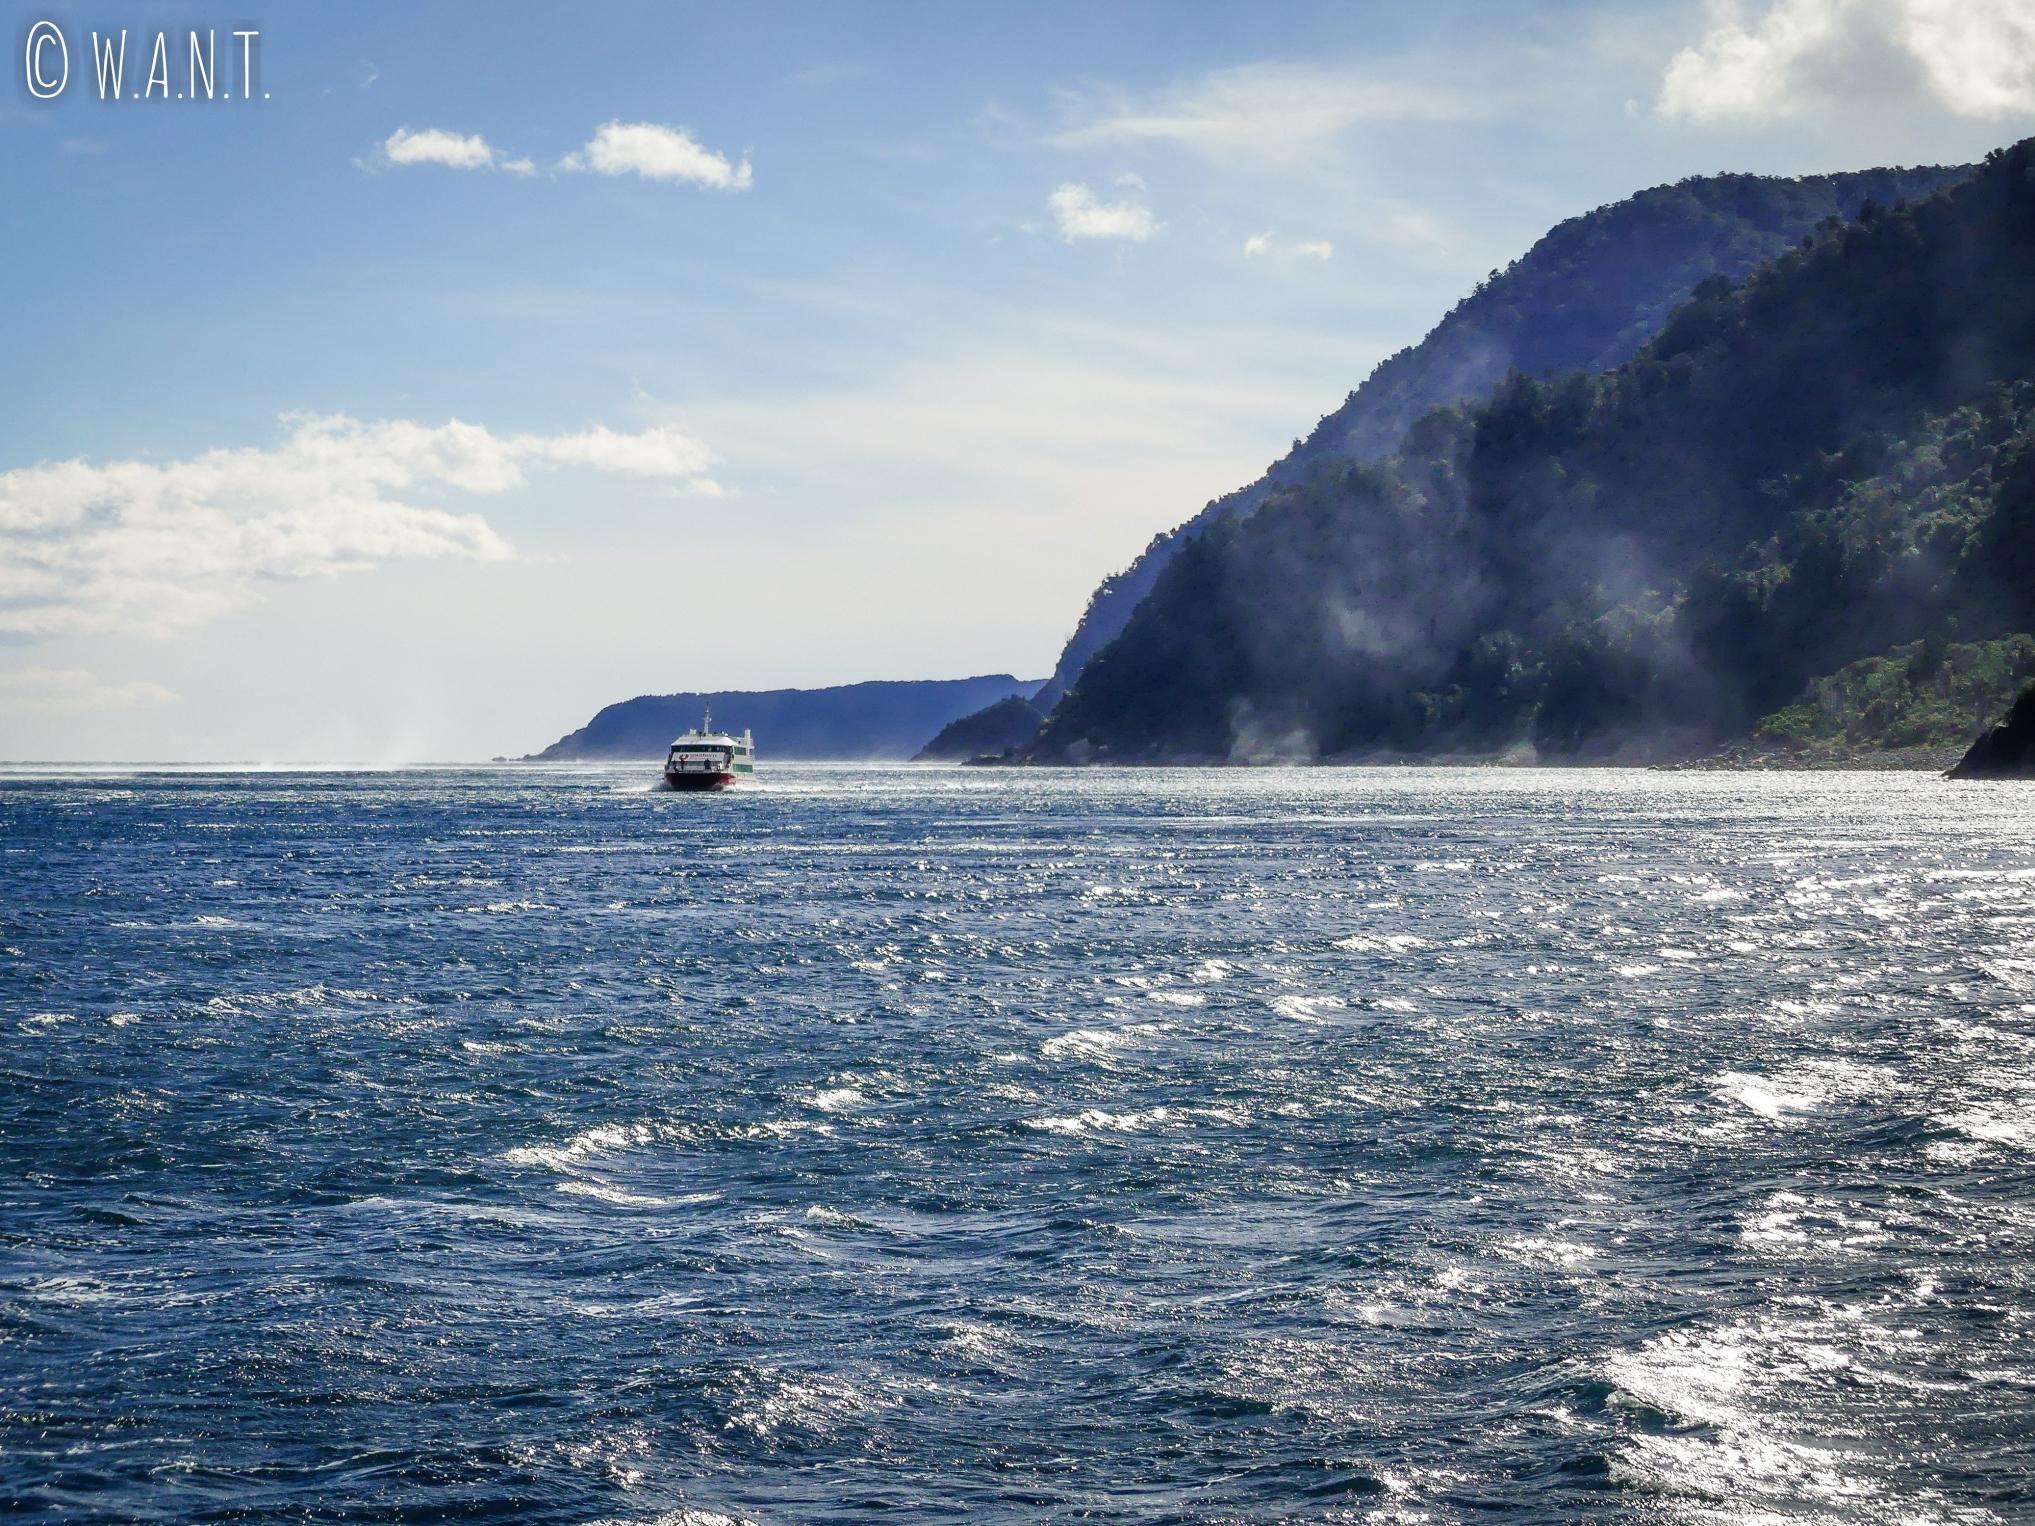 Arrivée sur la mer de Tasman en Nouvelle-Zélande